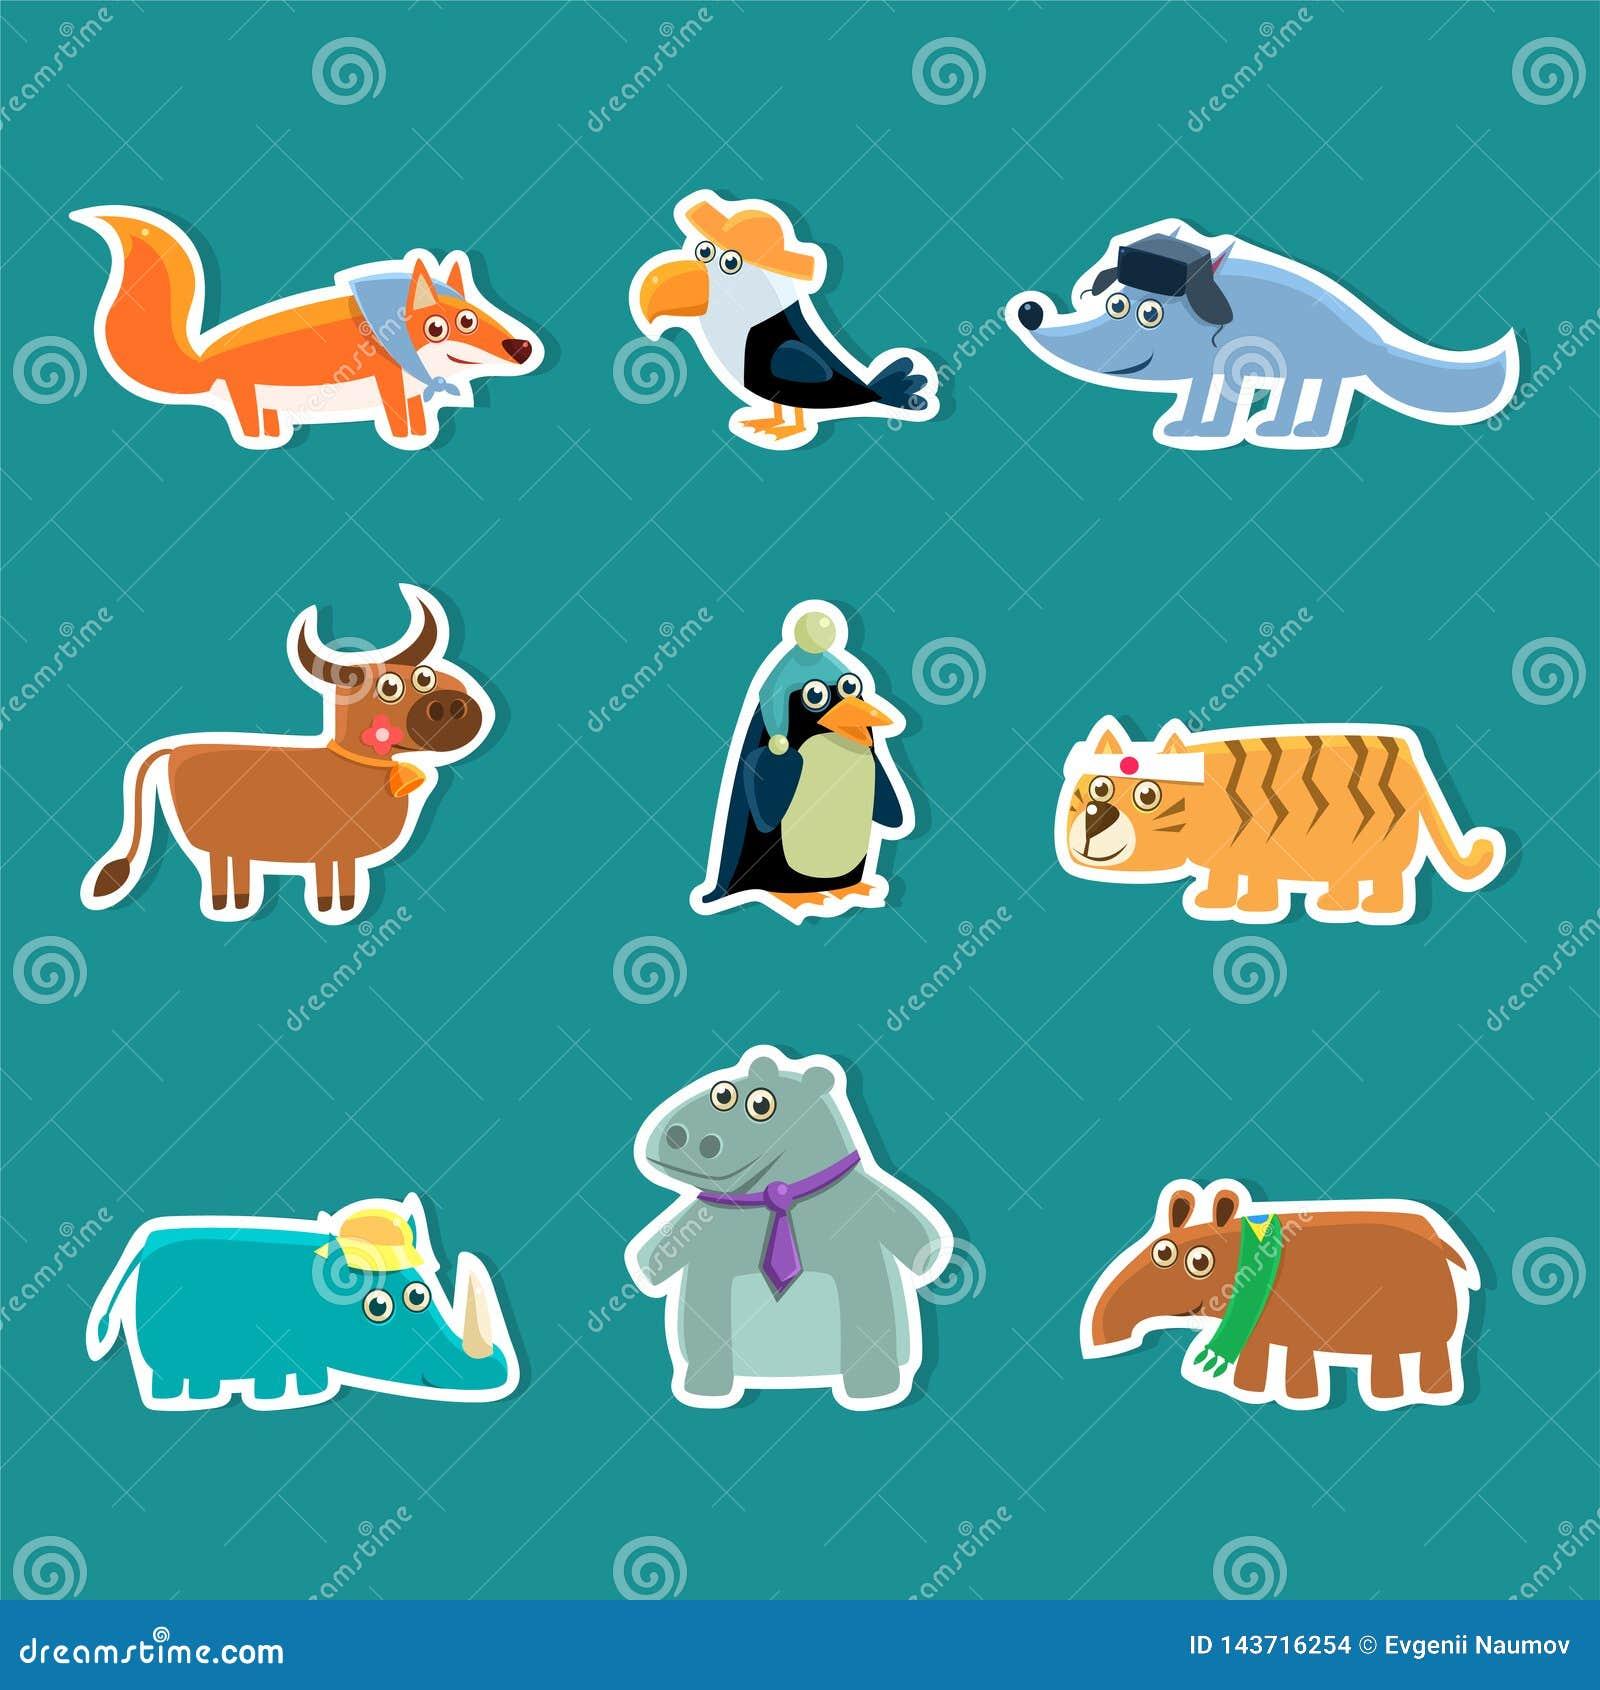 Inzameling van Leuke Beeldverhaal Dierlijke Stickers, Vos, Toekan, Wolf, Koe, Pinguïn, Tijger, Rinoceros, Nijlpaard, Aardvarkenve